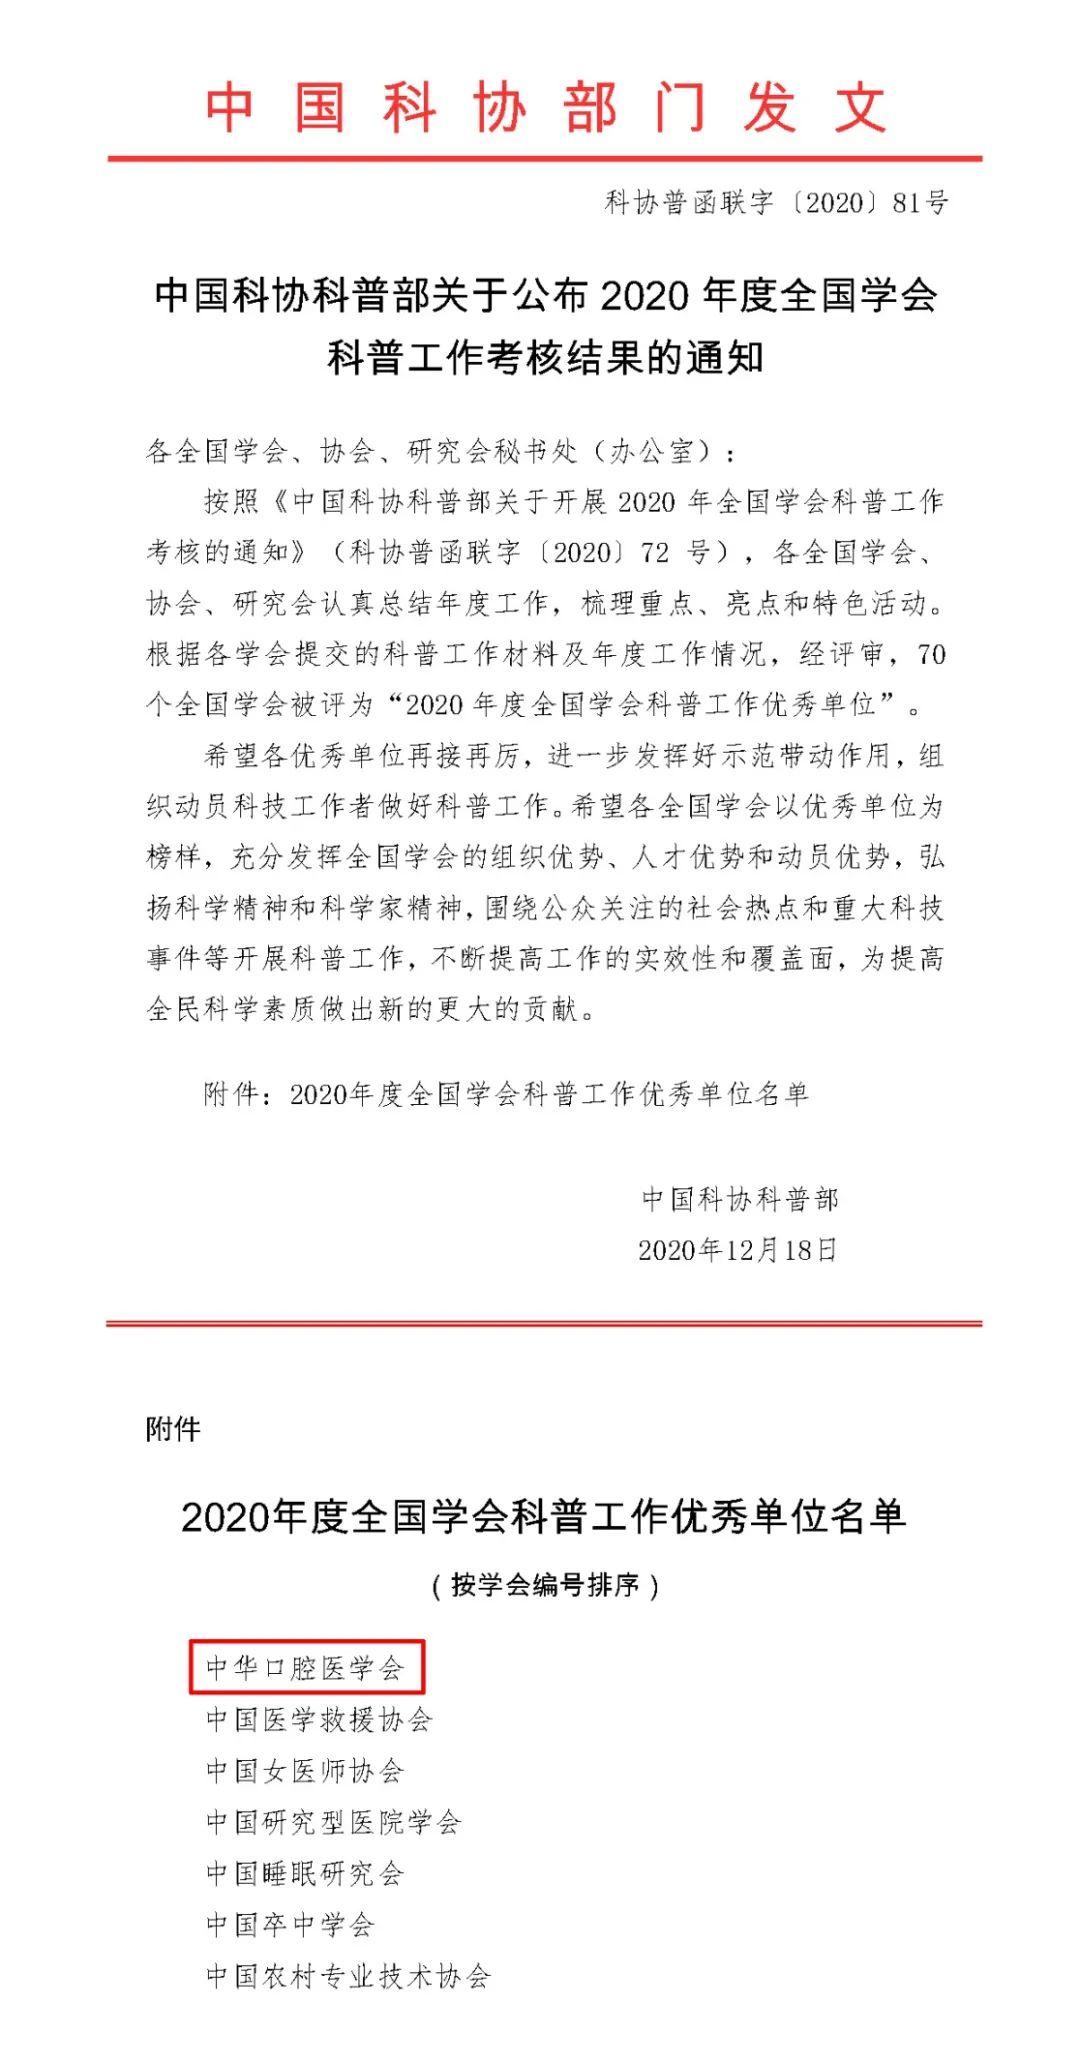 中华口腔医学会周报2020年45期